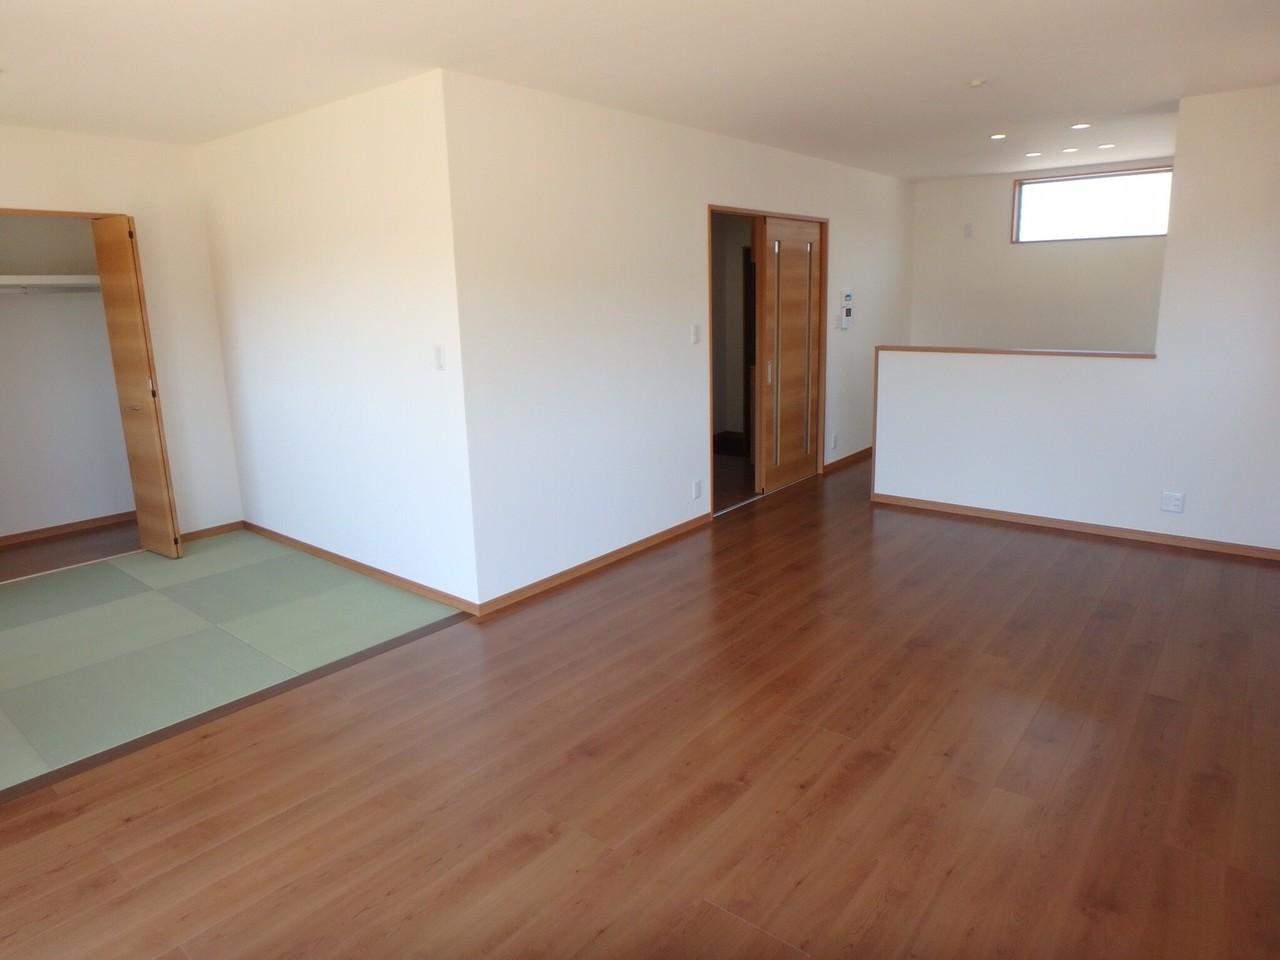 玄関入って左手の扉をあけると、そこはリビングスペース。 17畳ものリビングに、4畳の畳スペースがあるので、とても広く感じます。 日当たりが良いのも嬉しいですね。